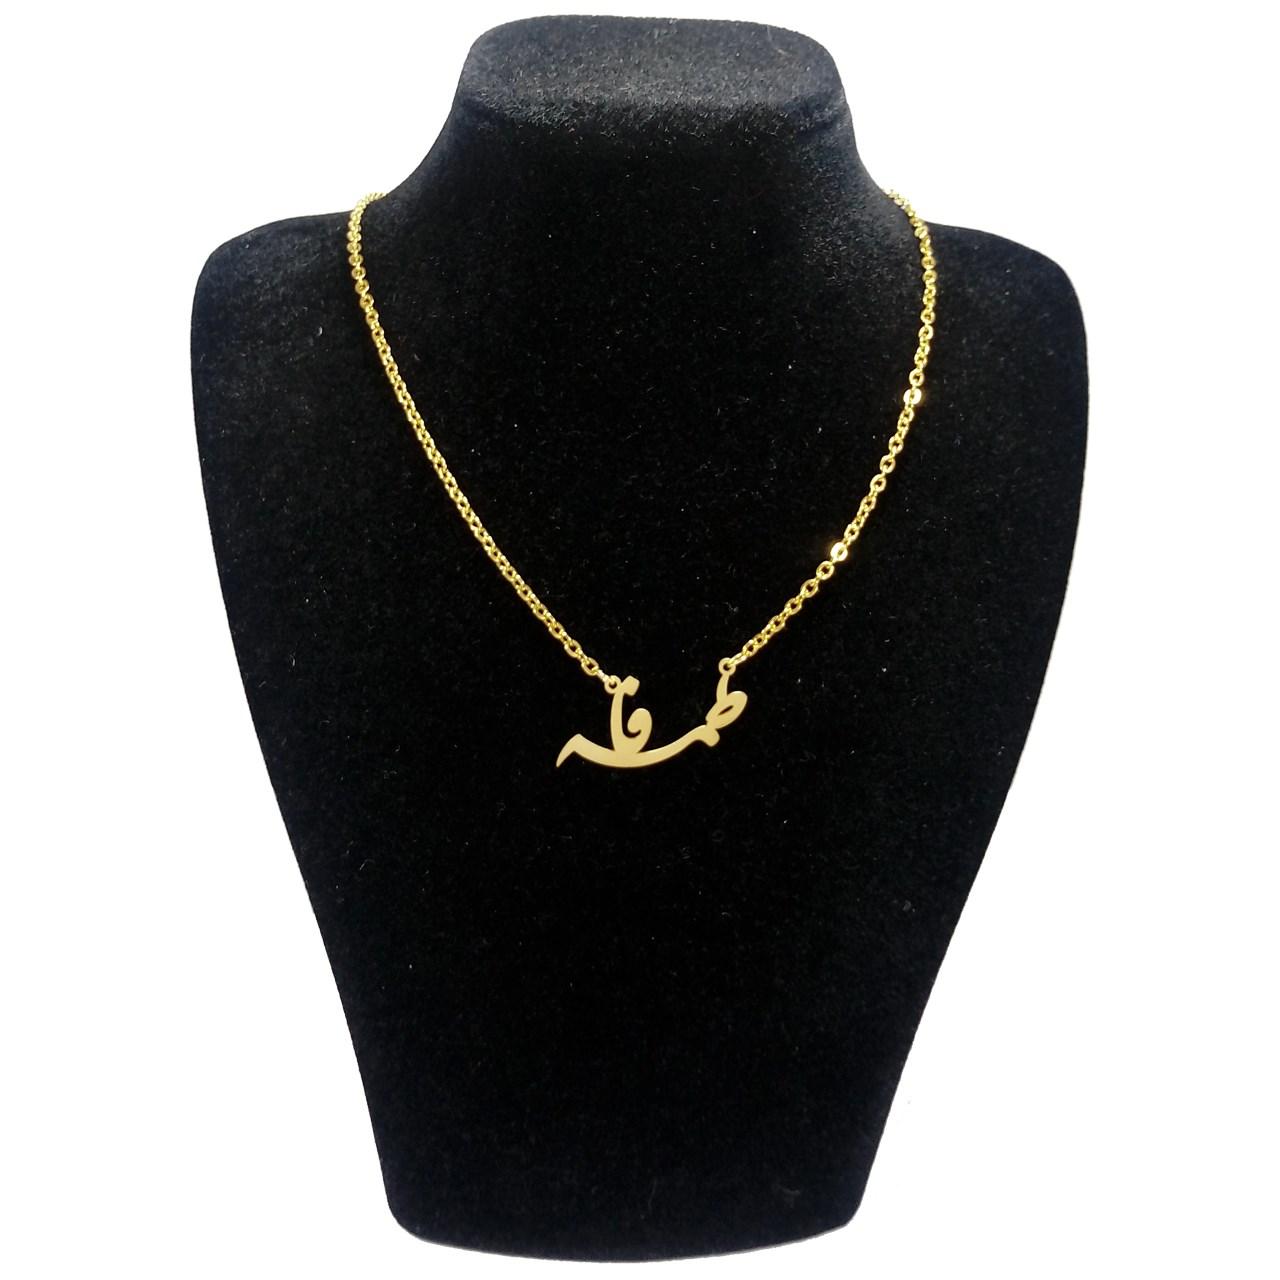 گردنبند آی جواهر طرح اسم فاطمه  کد 1100107GE